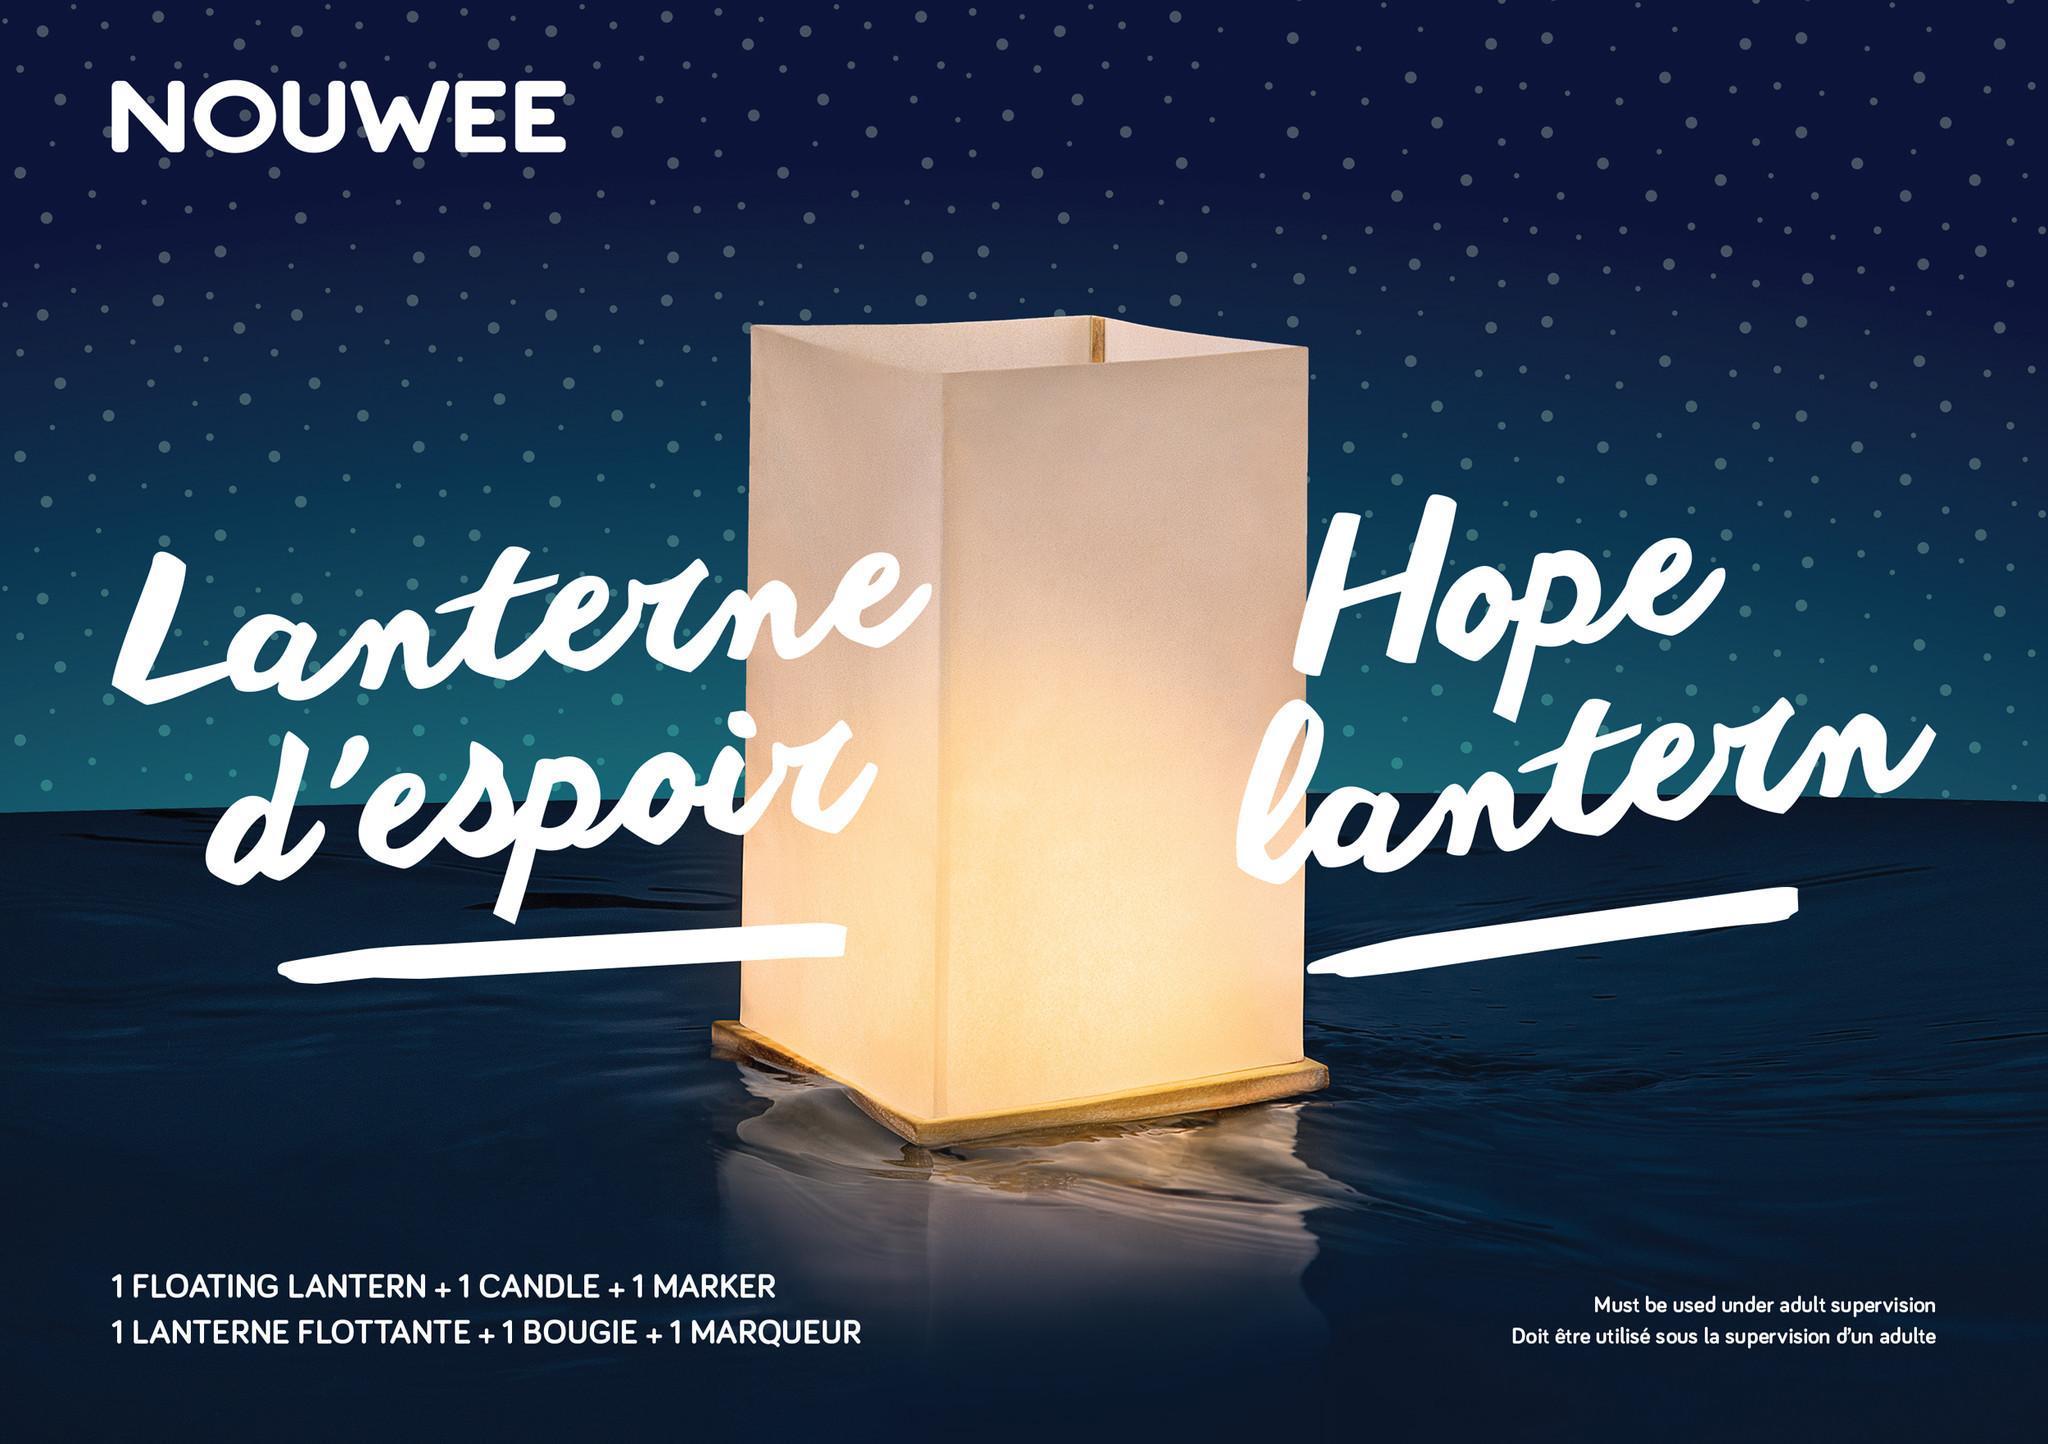 Hope Lantern - schwimmende Laterne